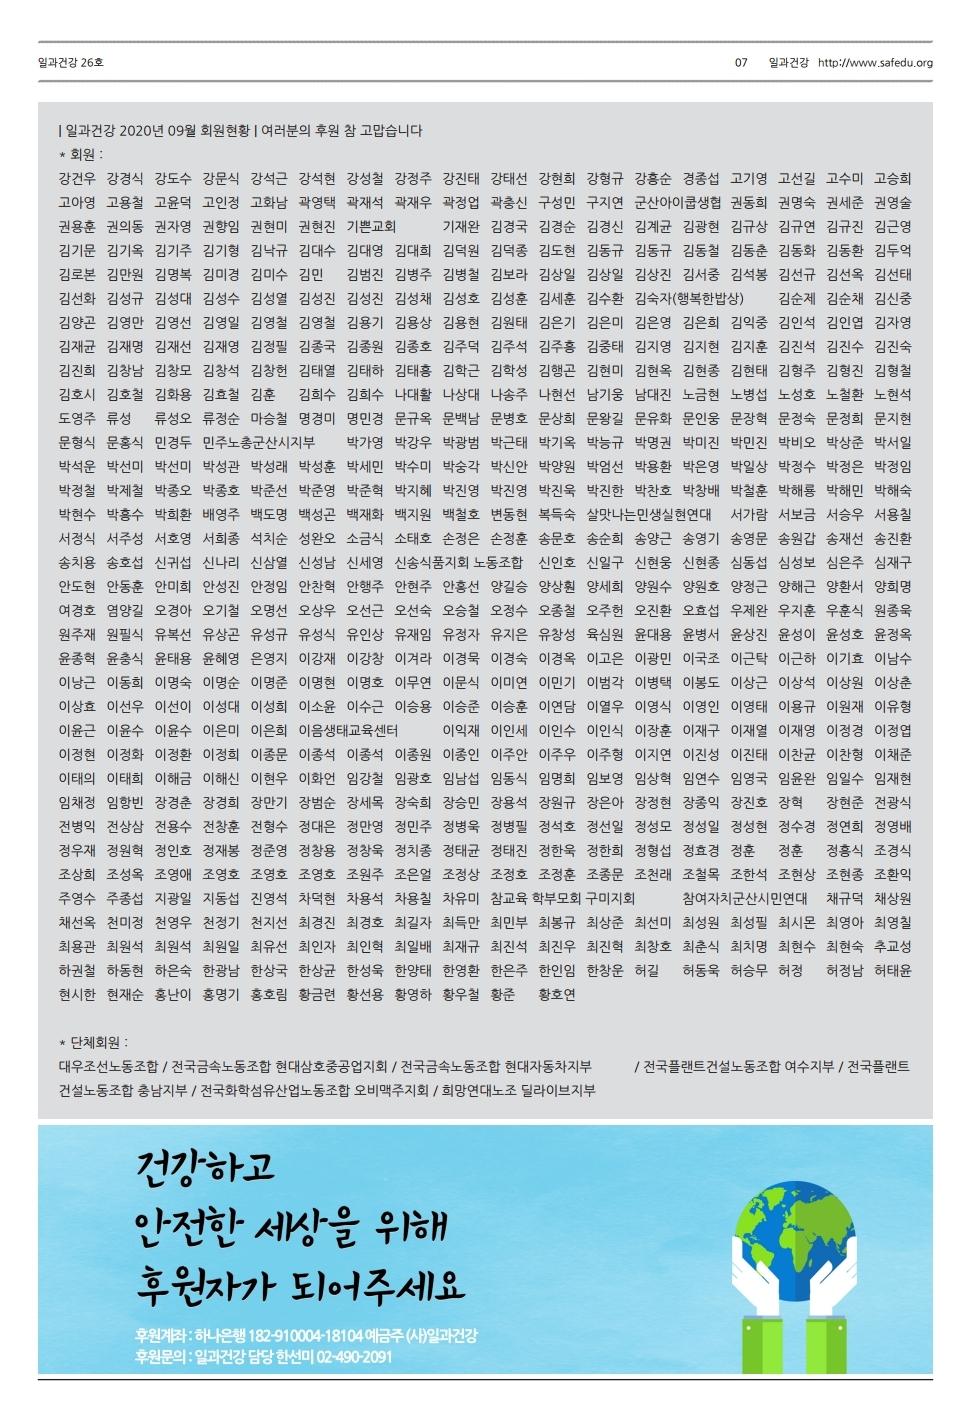 일과건강 소식지 26_홈피용.pdf_page_7.jpg